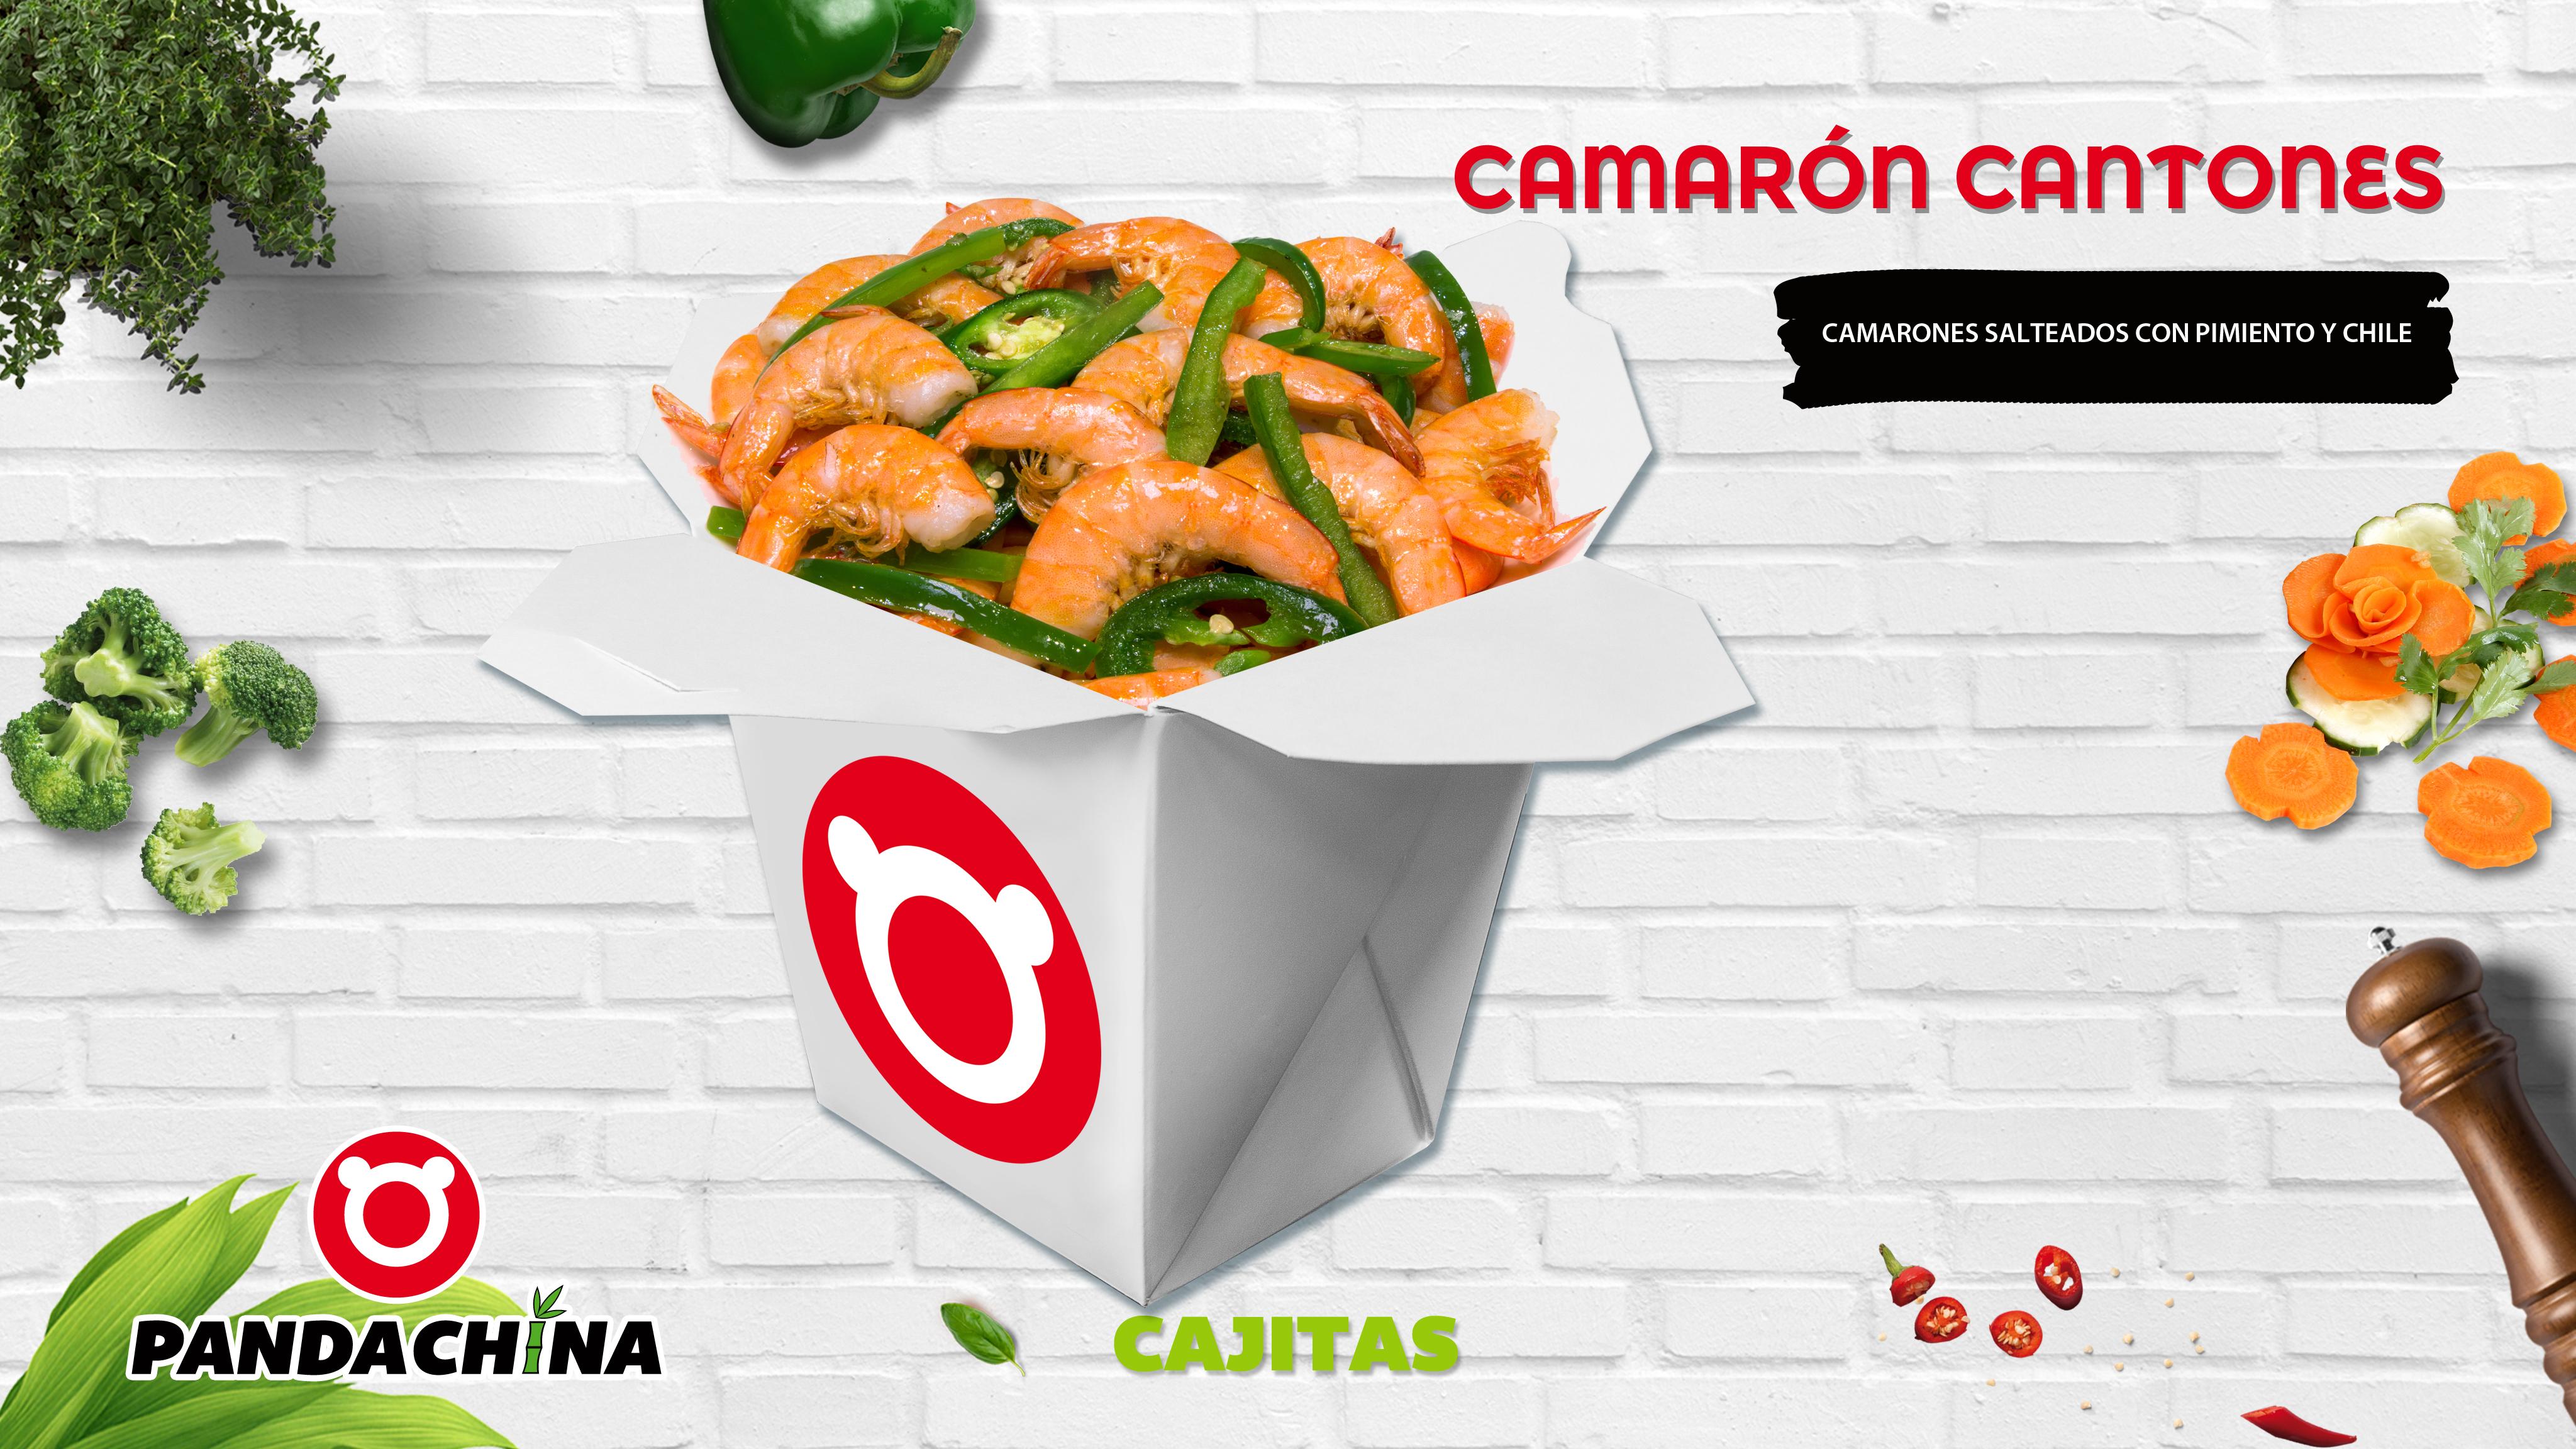 CAMARON CANTONES